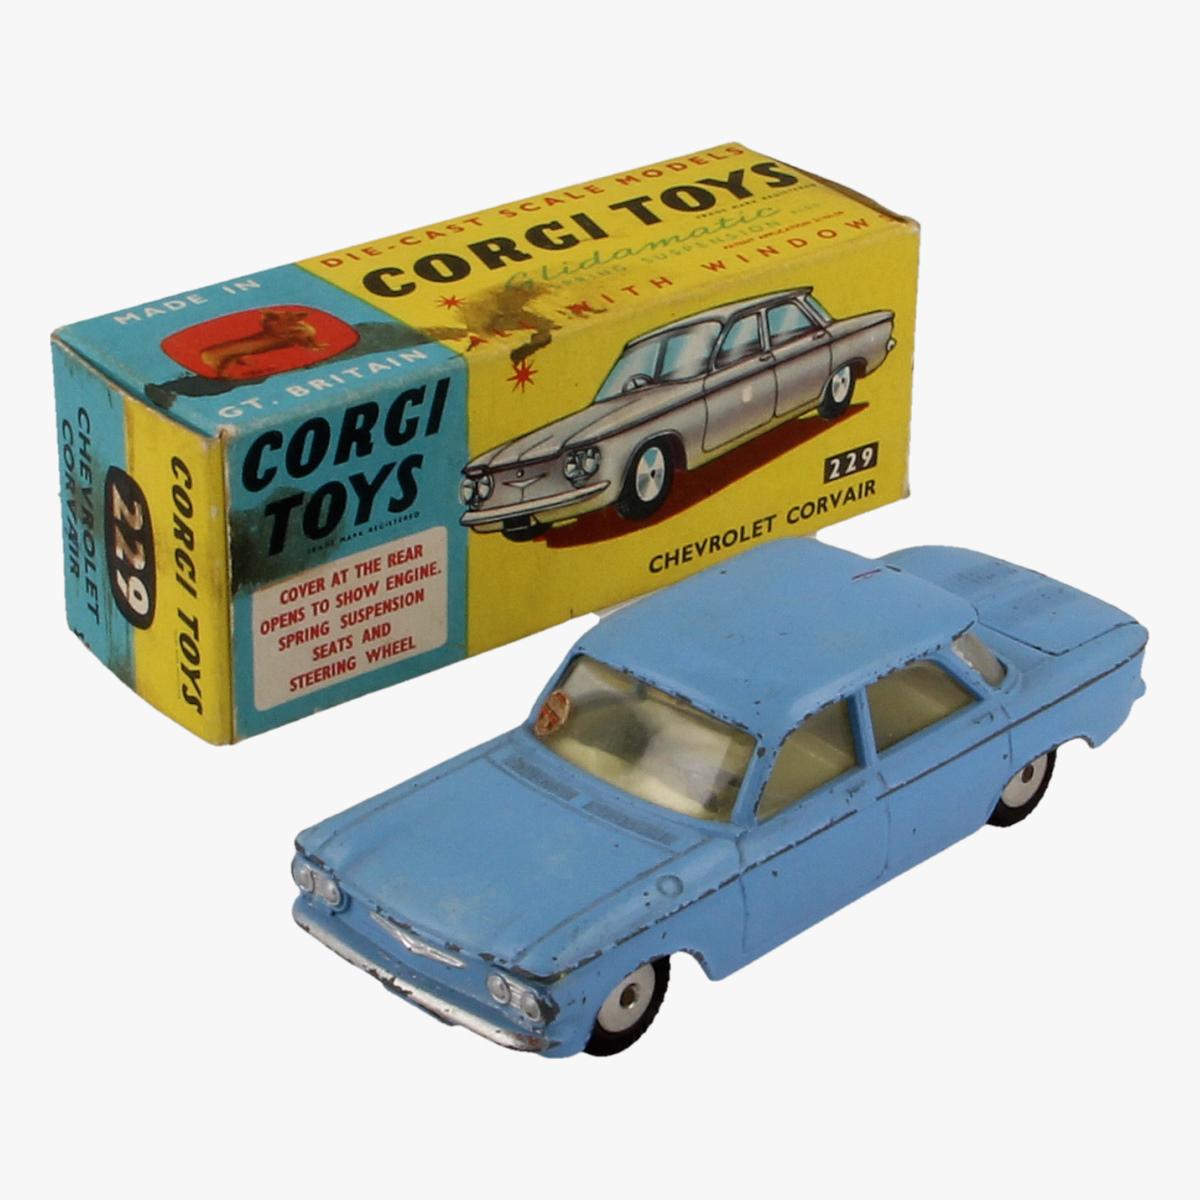 Afbeeldingen van Corgi Toys. Chevrolet Corvair. 229.